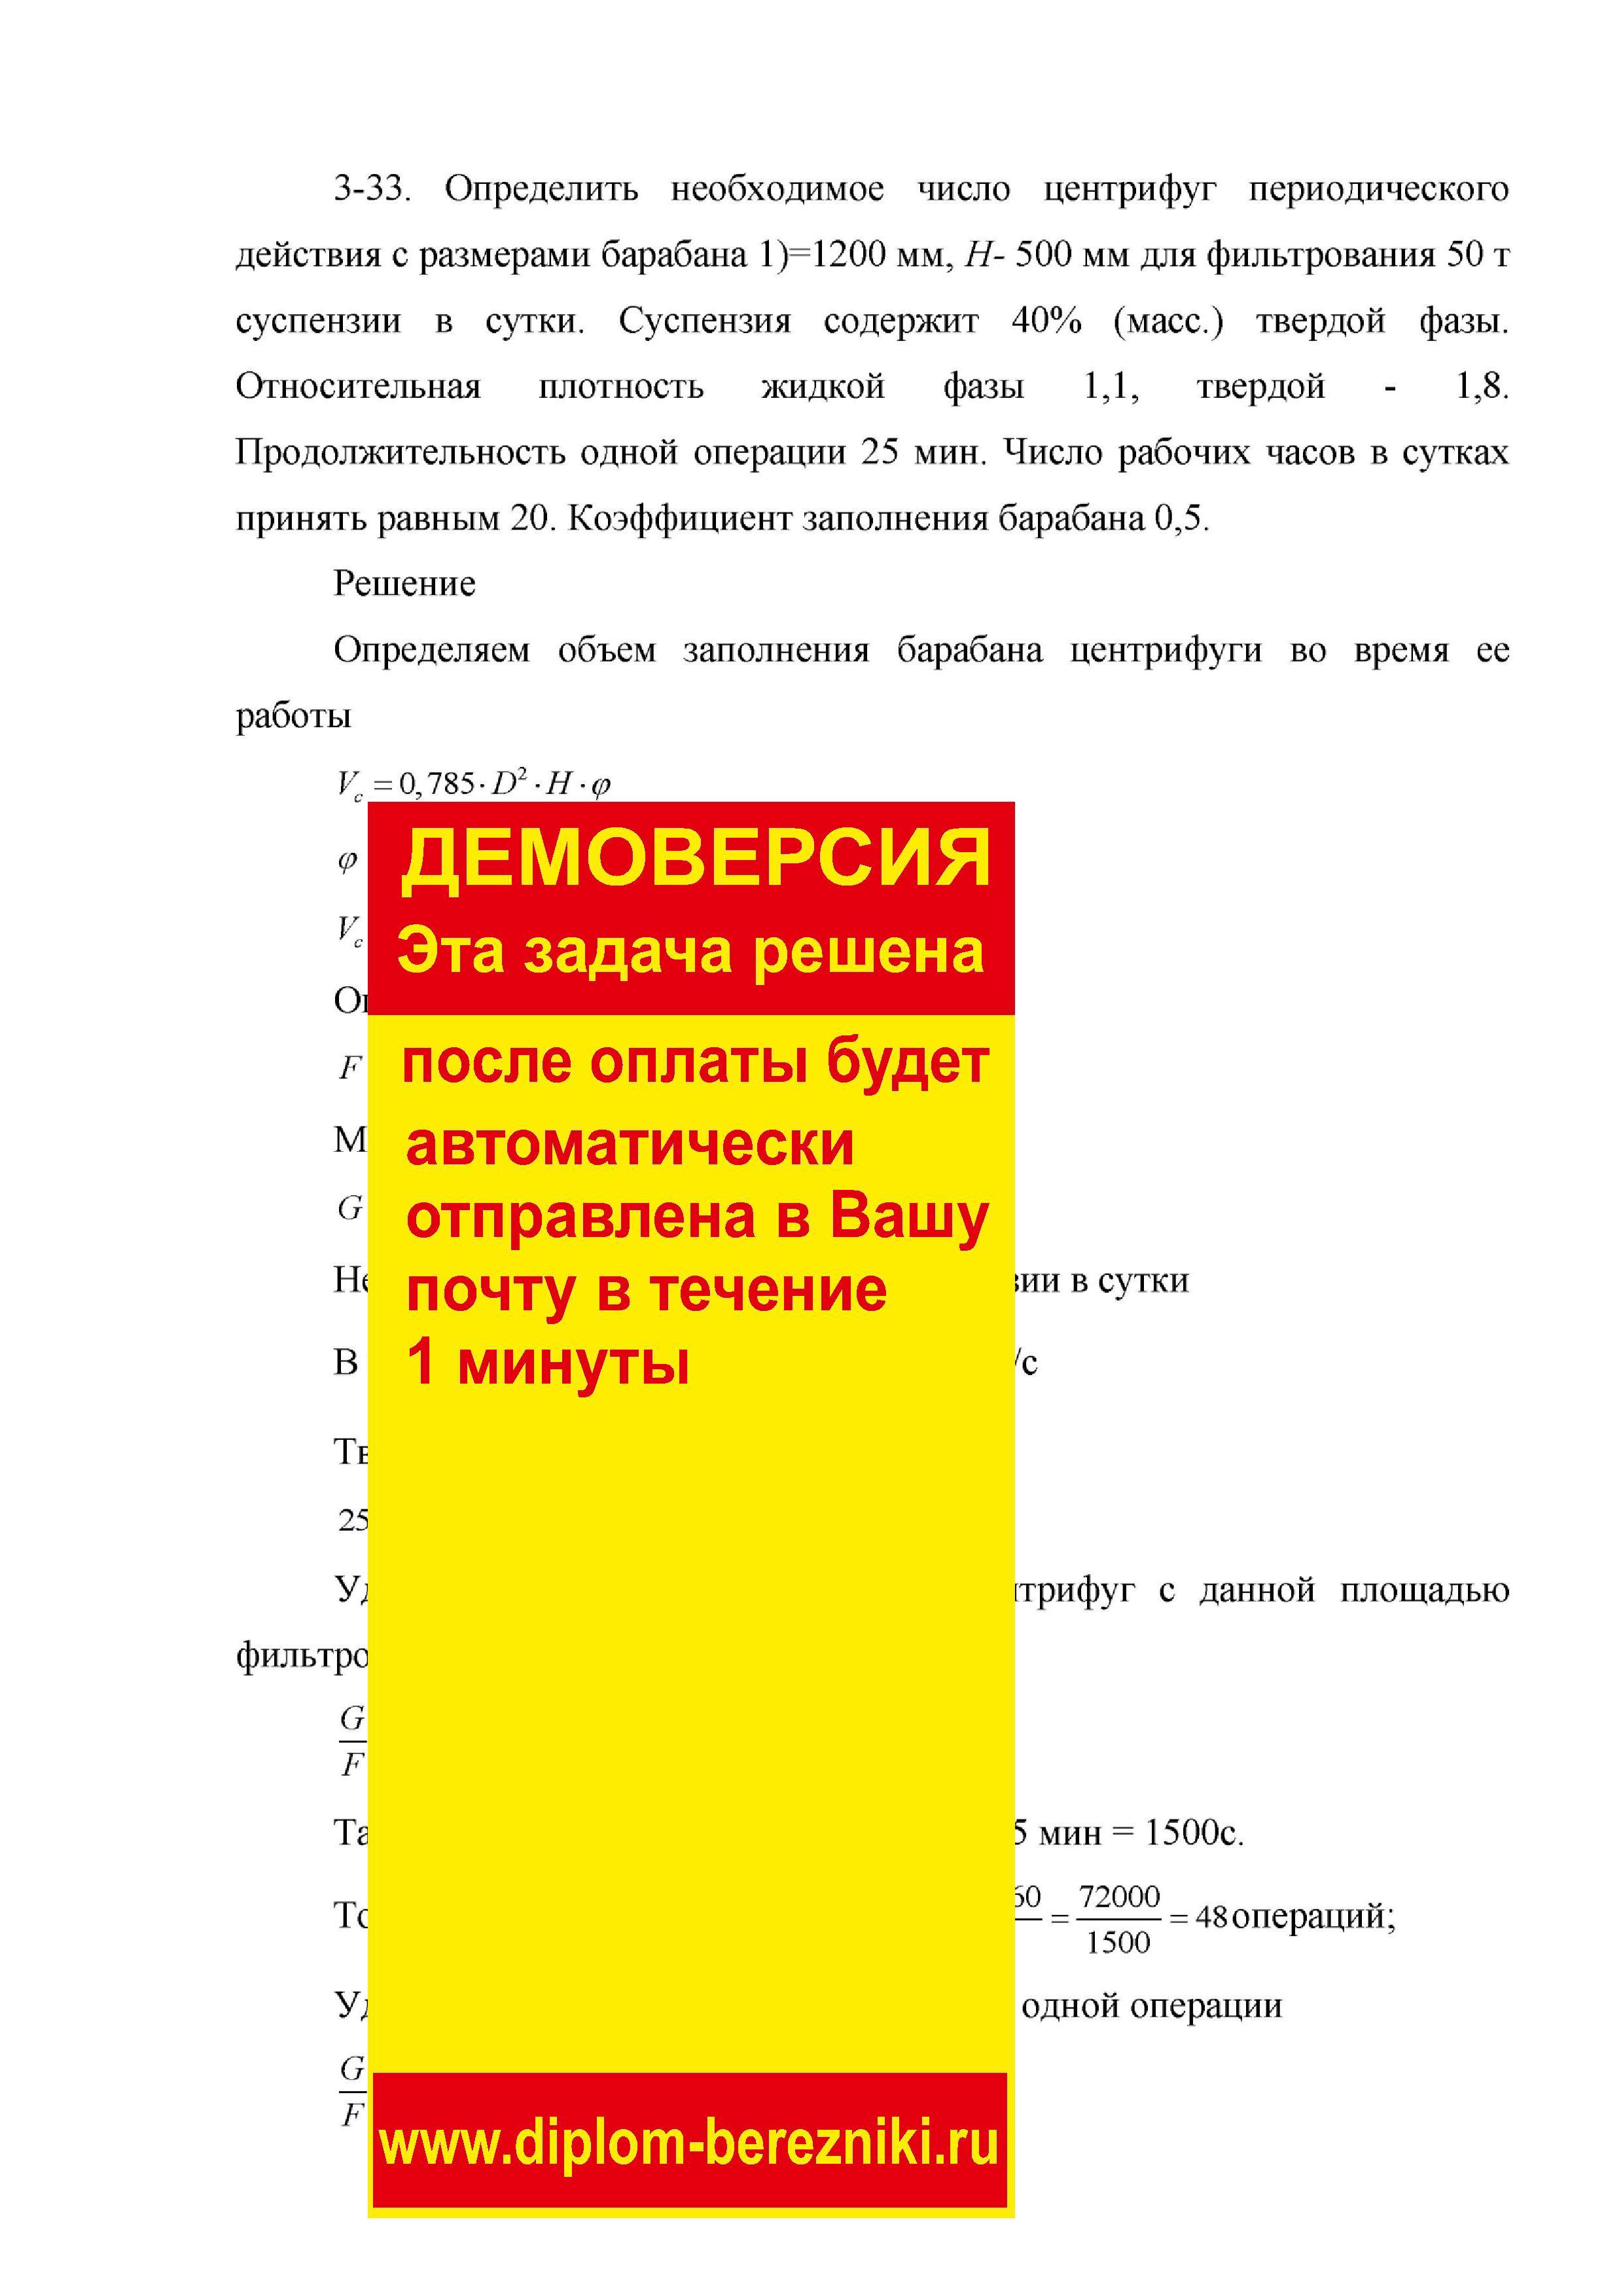 Решение задачи 3.33 по ПАХТ из задачника Павлова Романкова Носкова